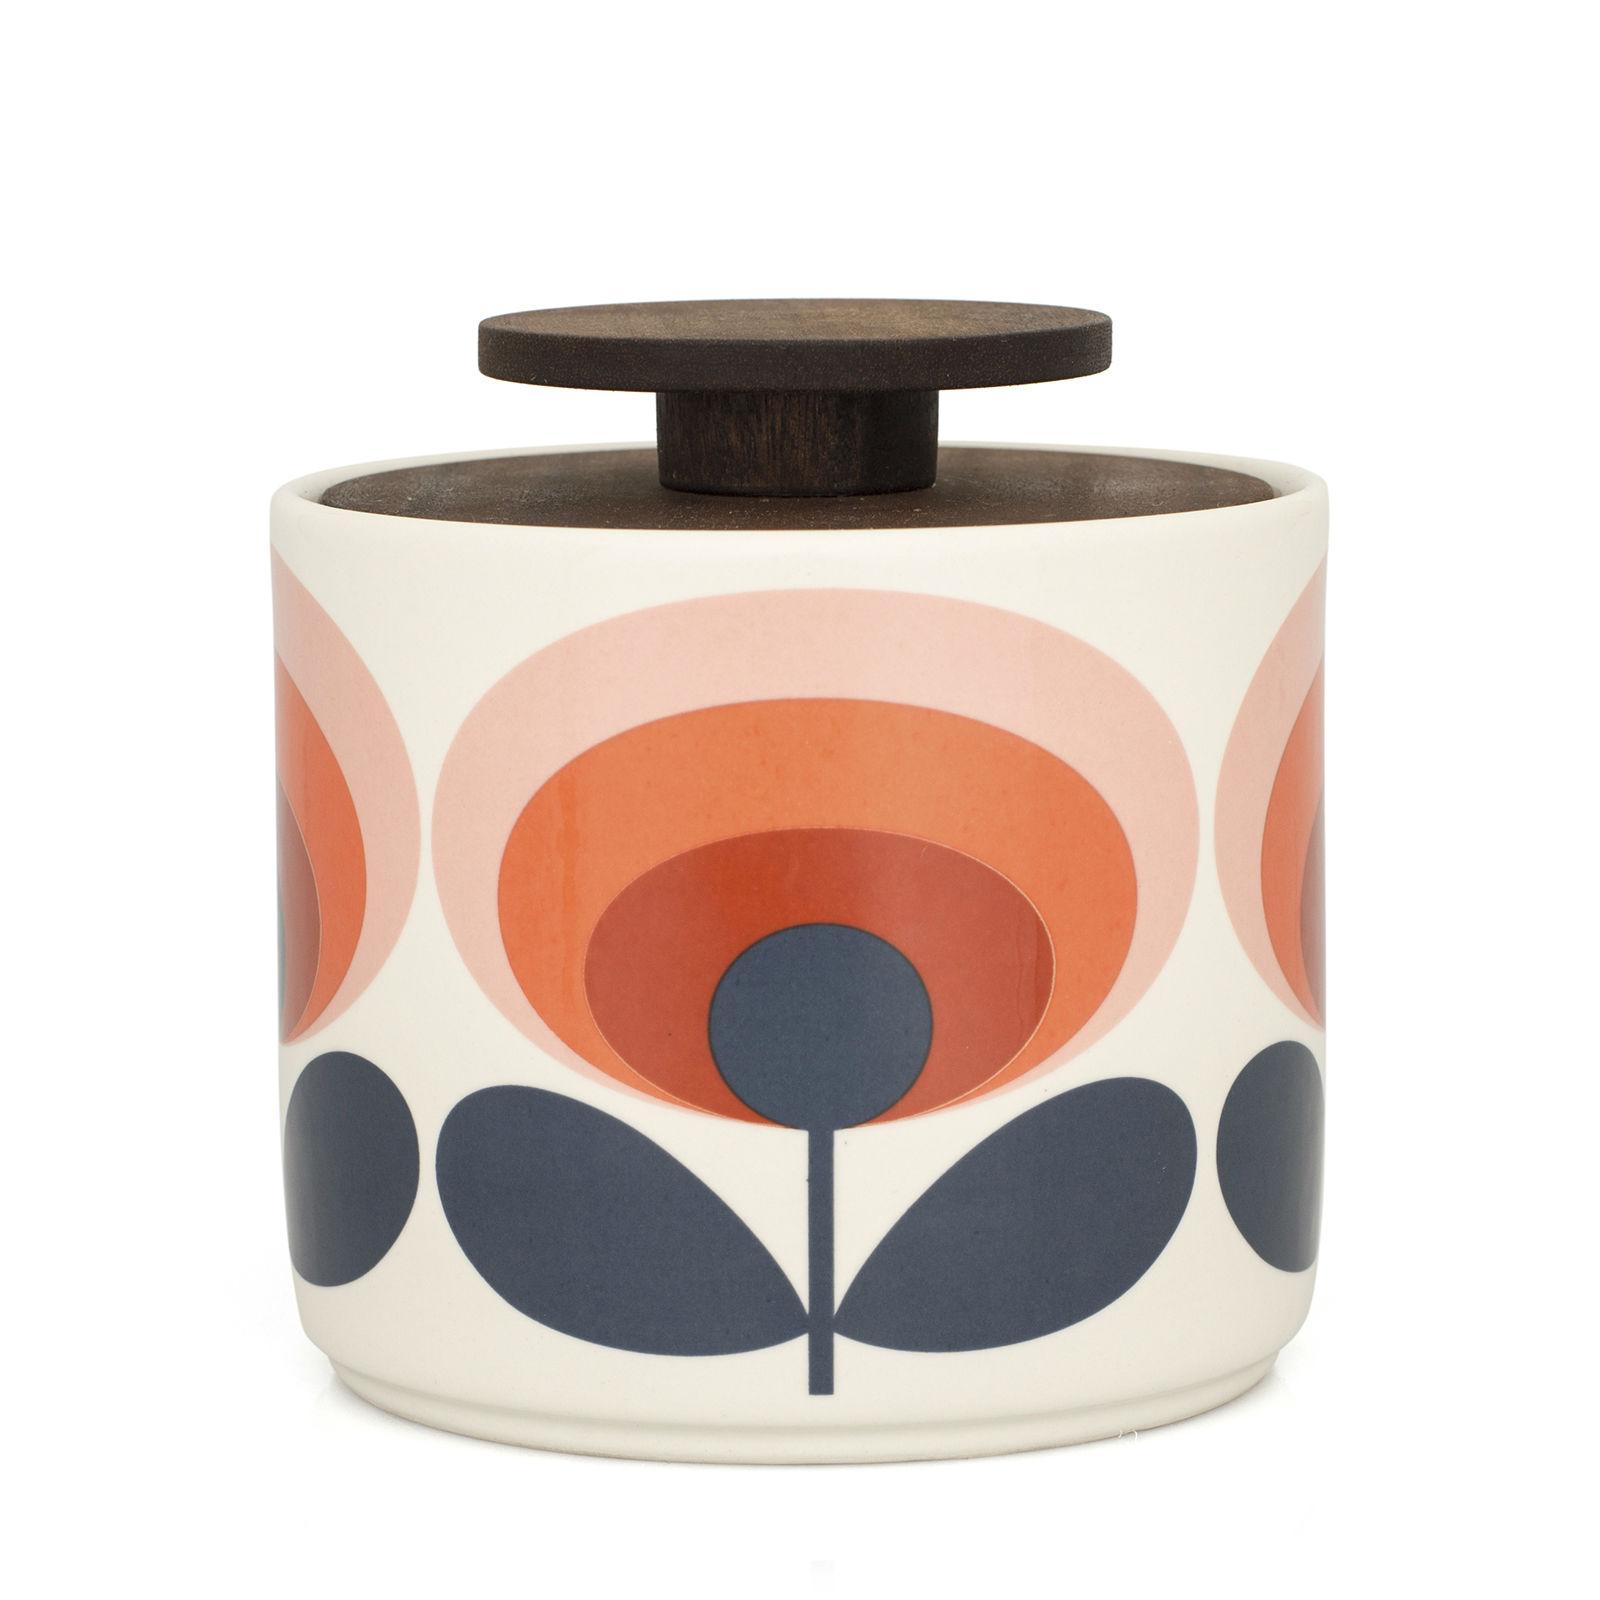 Boites-bocaus-design-Orla-Kiely-01